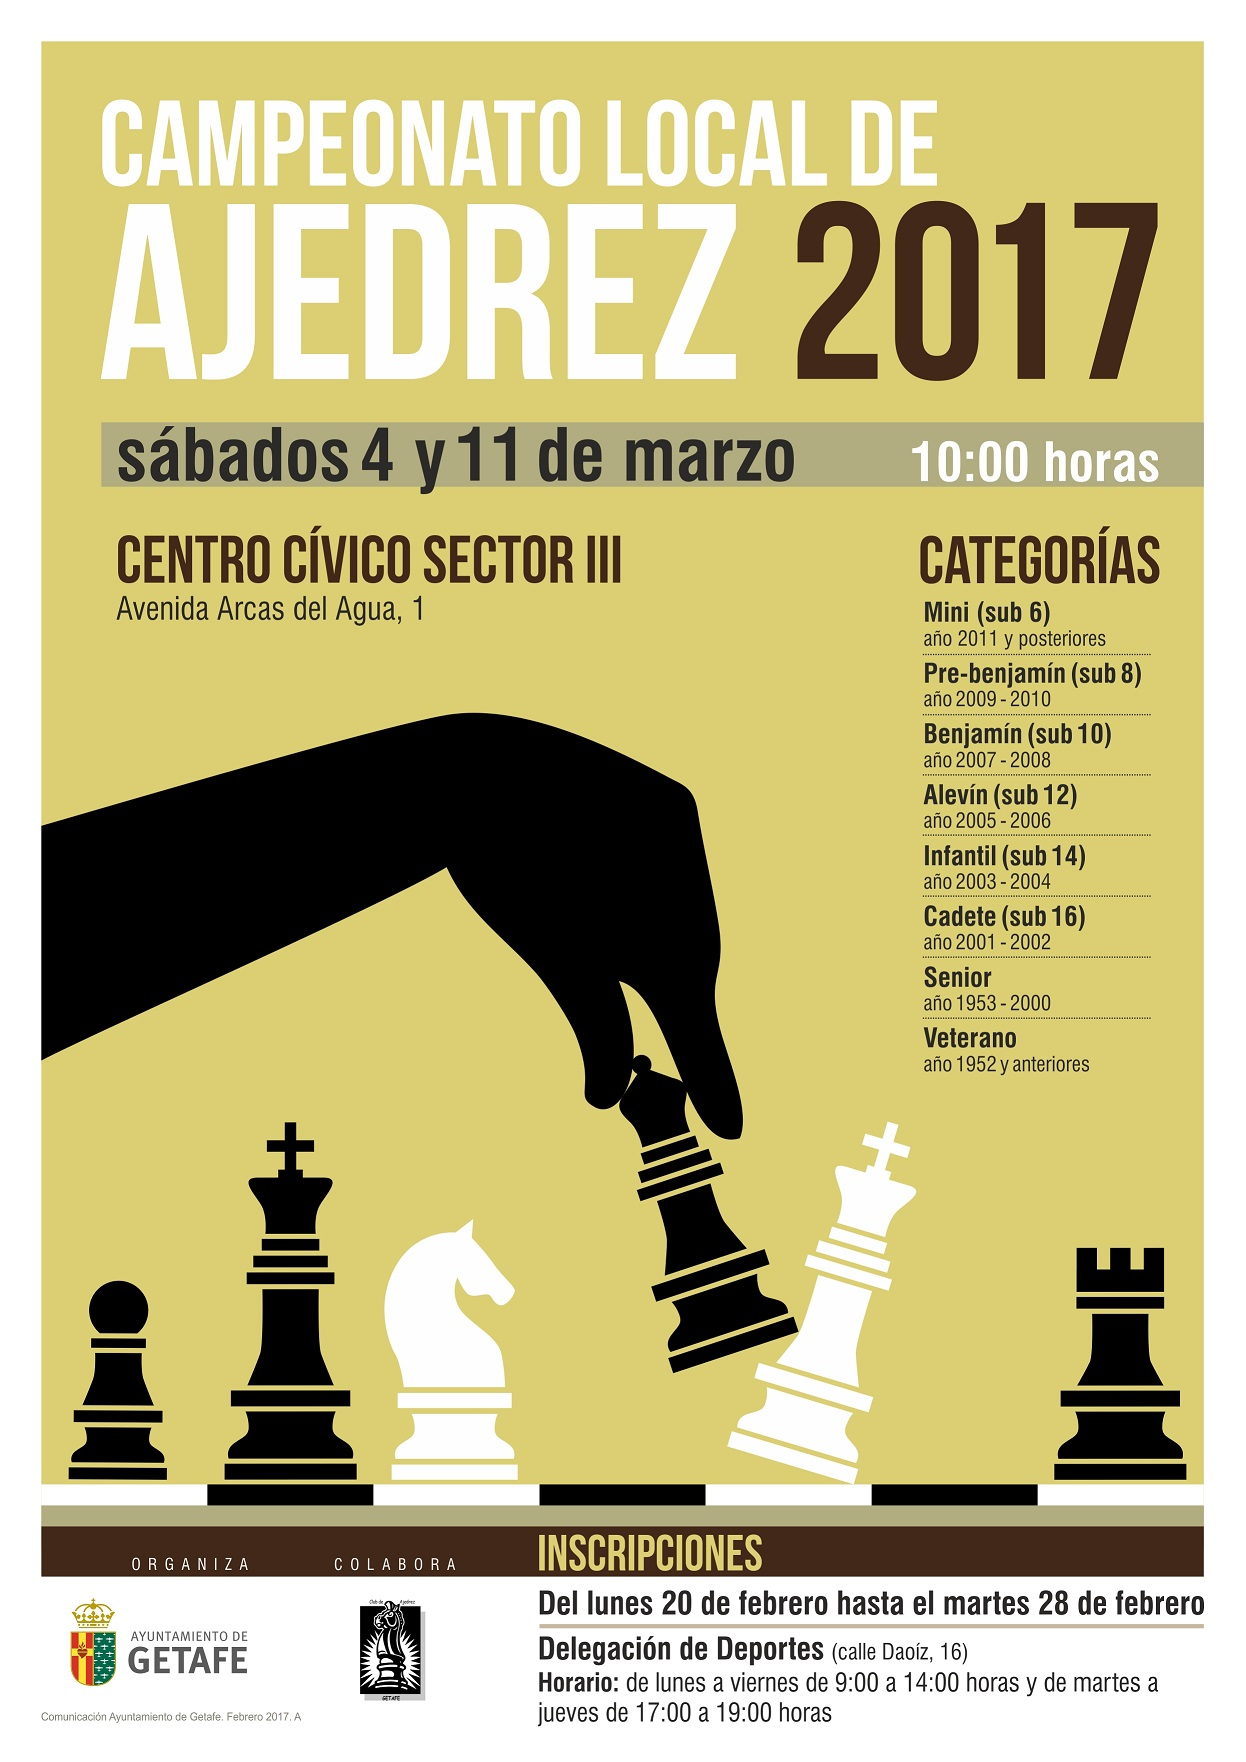 Hoy se abre el plazo de inscripción en Getafe para el Campeonato Local de Ajedrez 2017